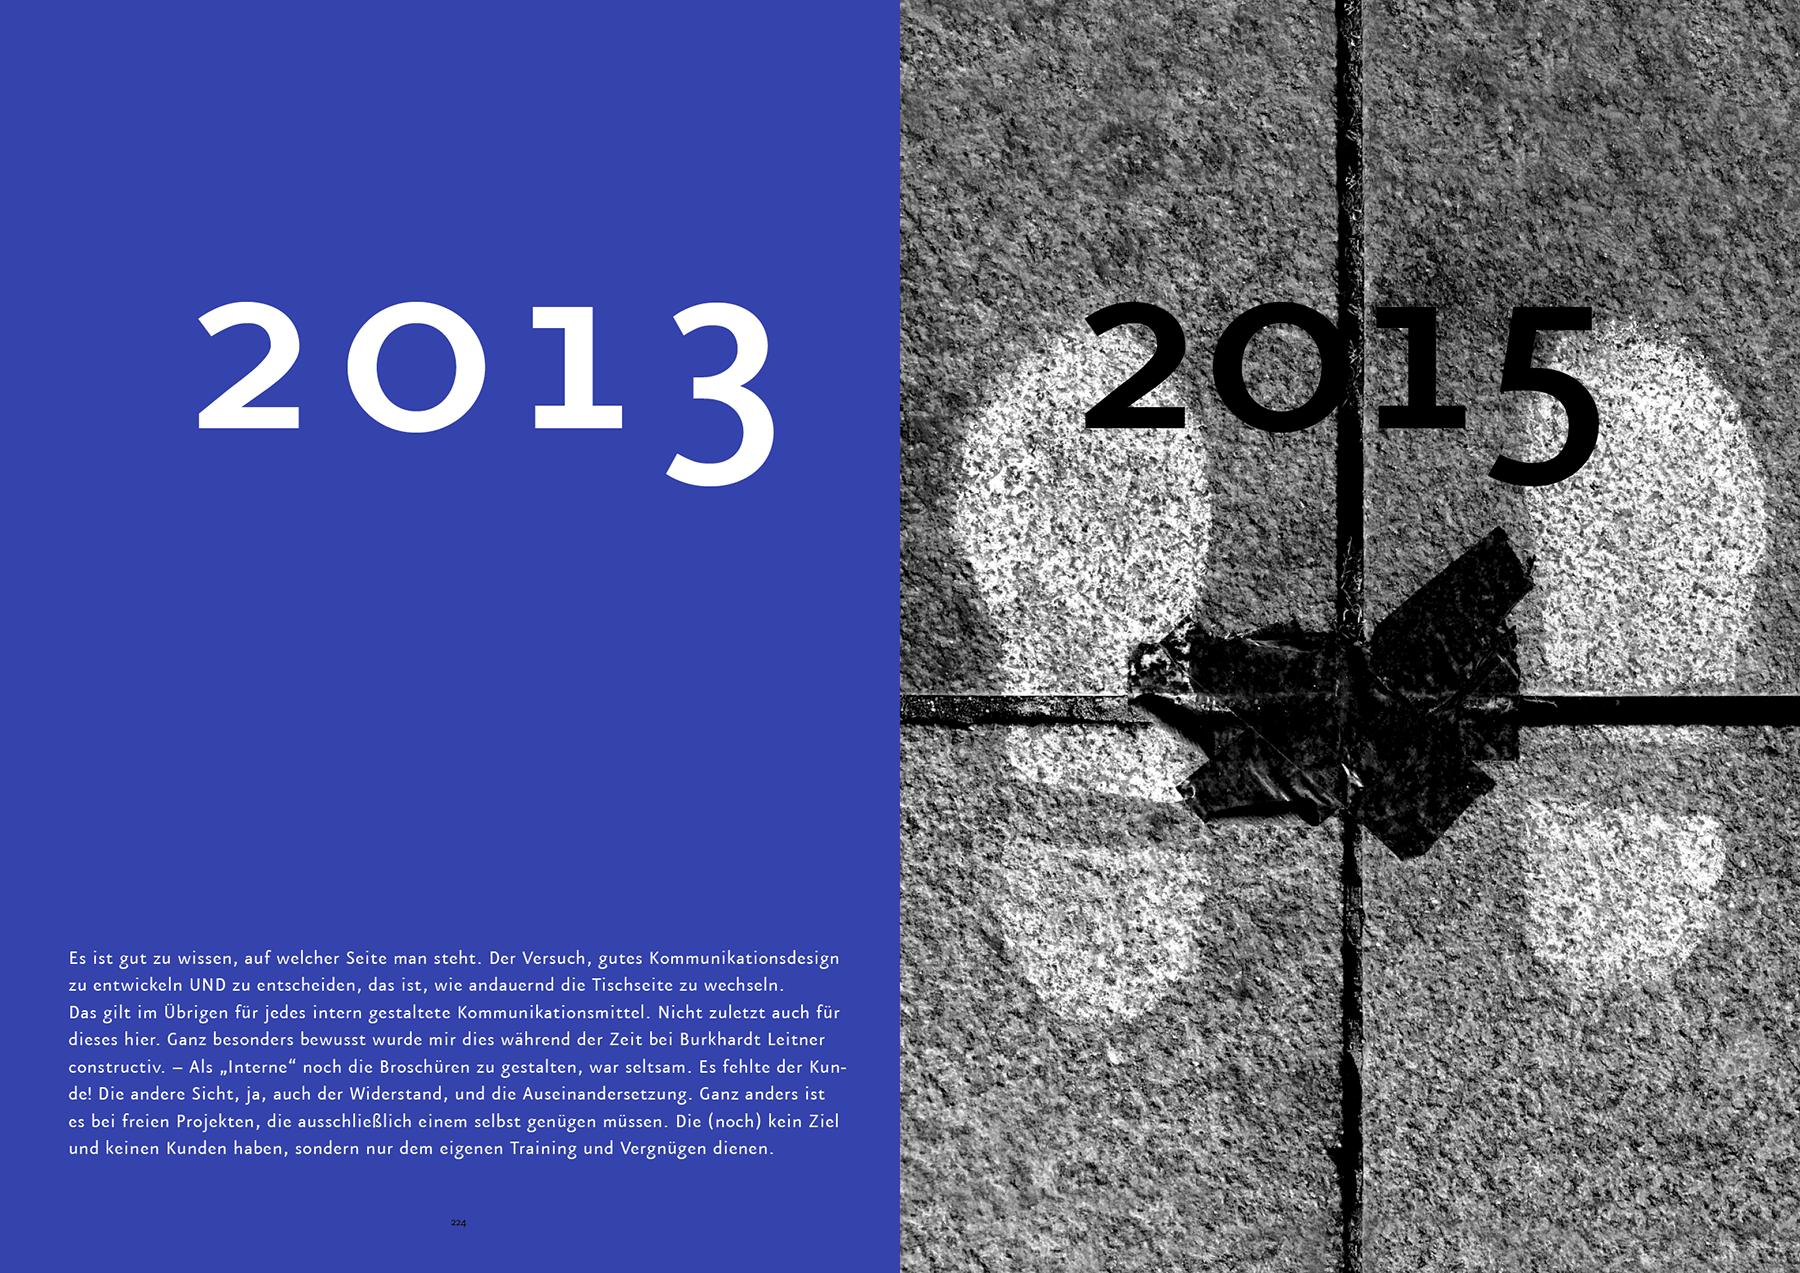 sabine-mescher-sichtung-designbilderbuch-85.png